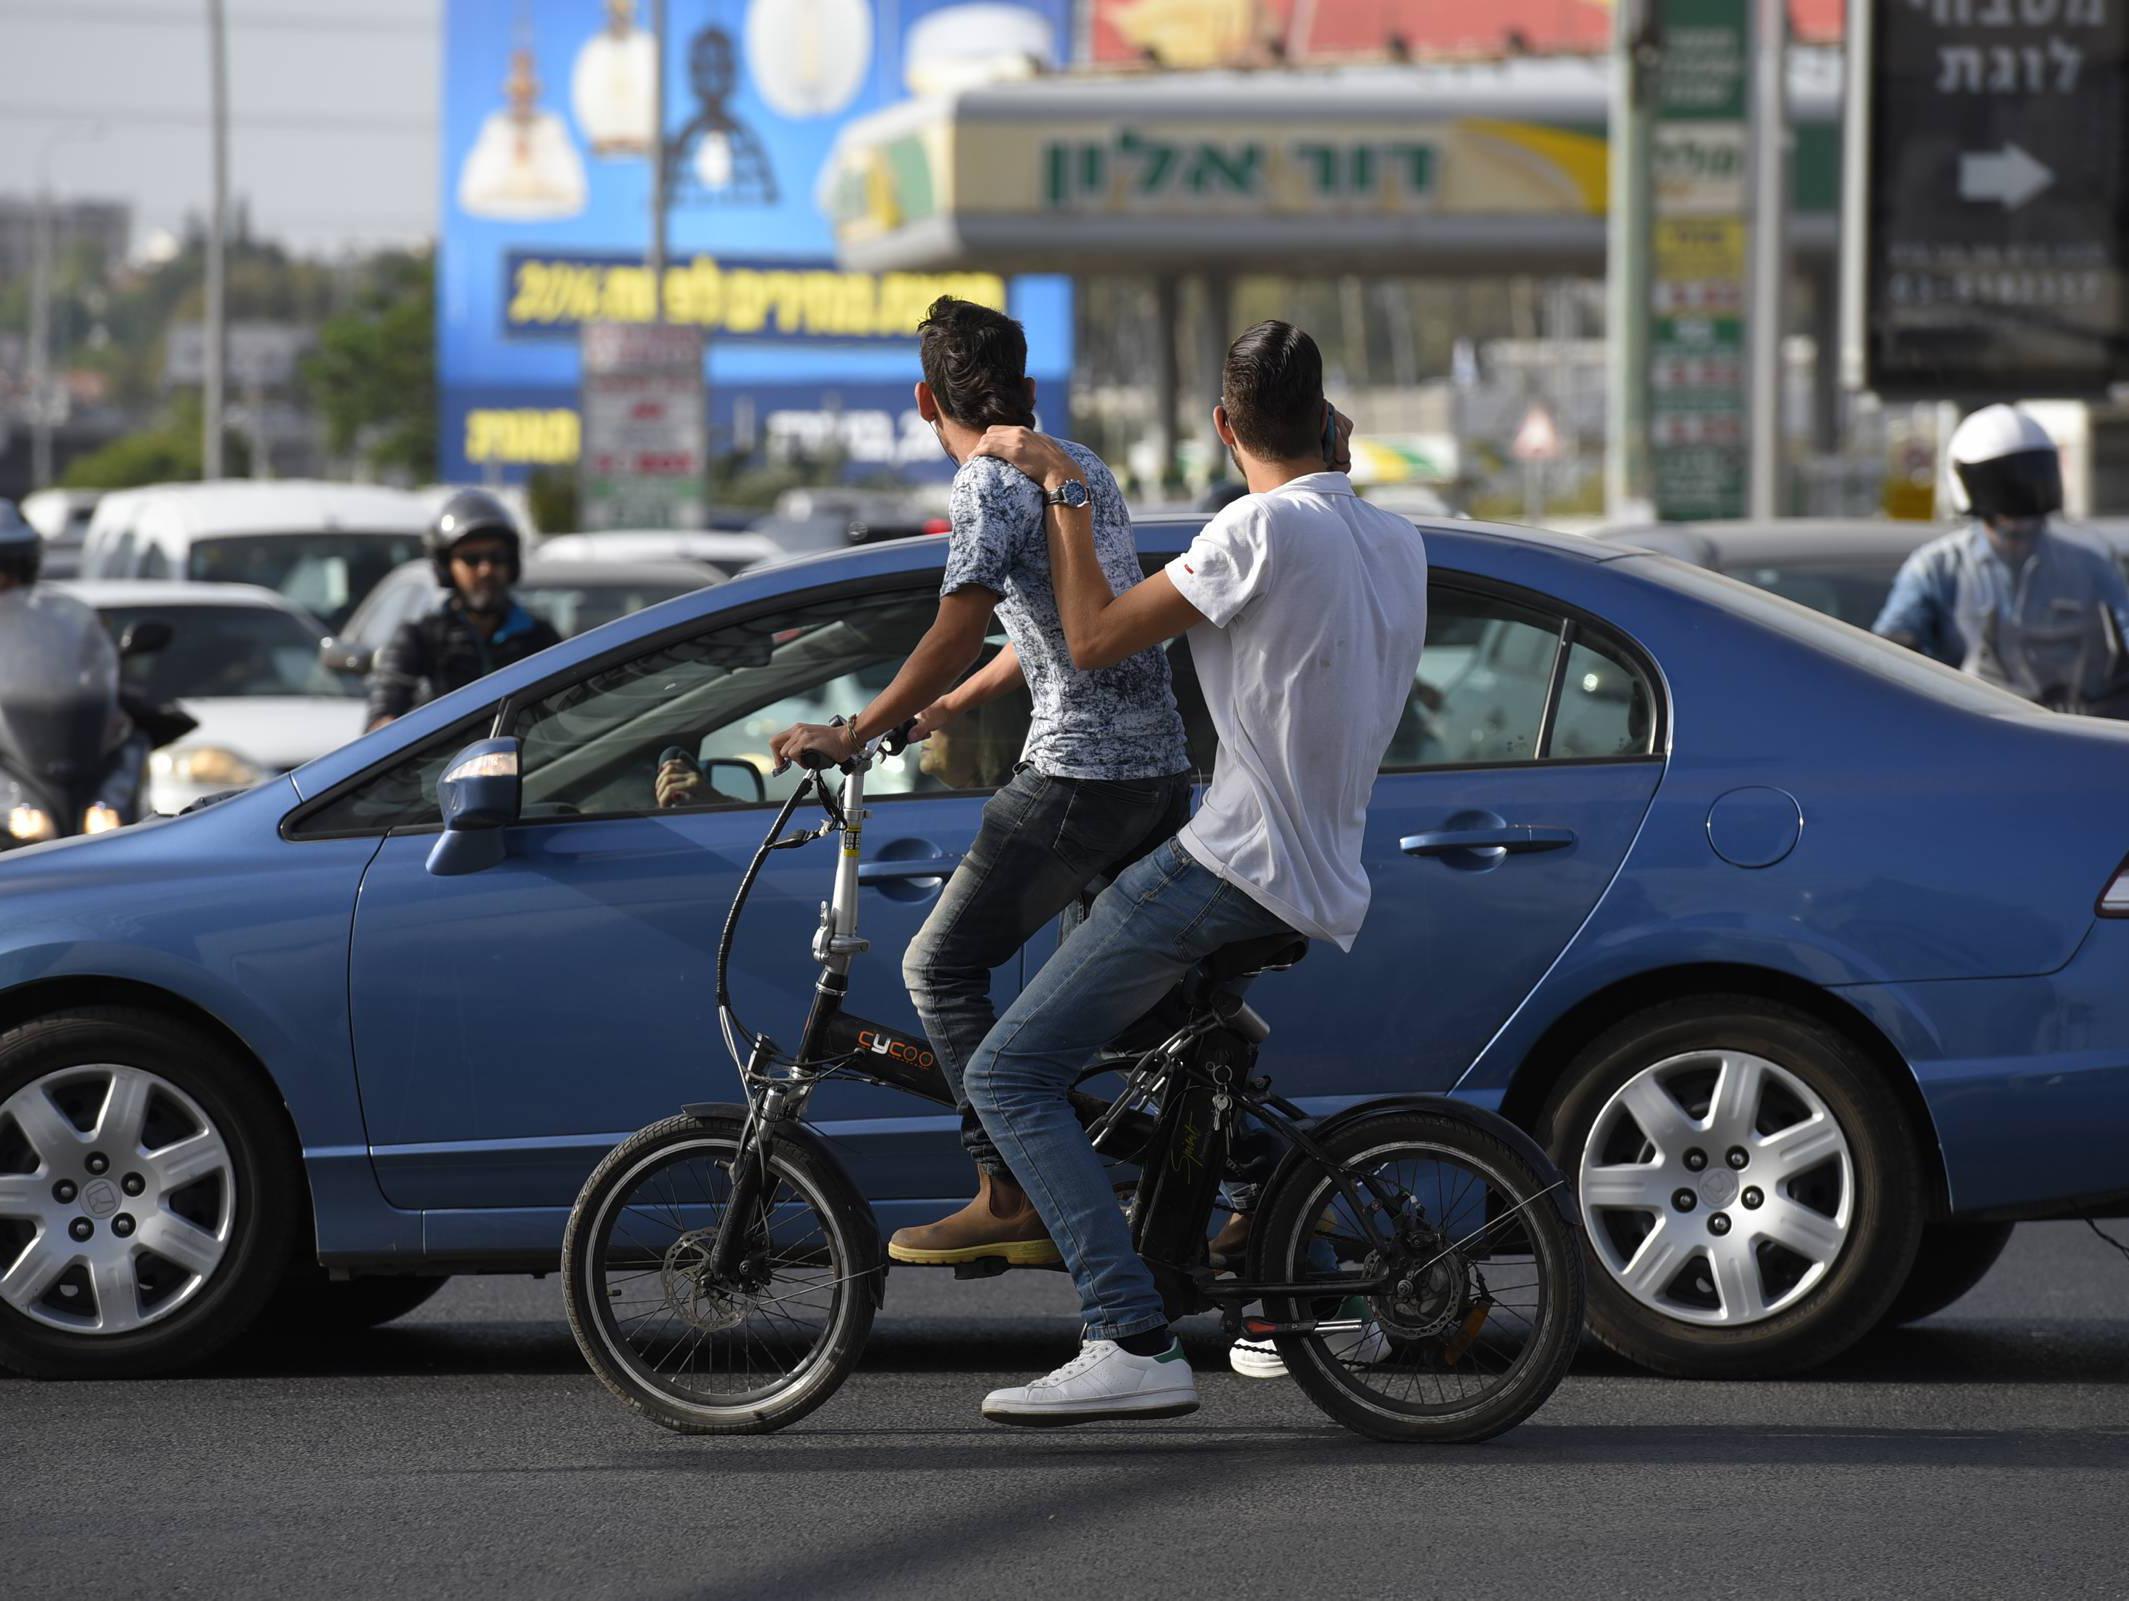 אופניים חשמליים: ההורים אינם מודעים להשלכות במקרה של עבירה על החוק